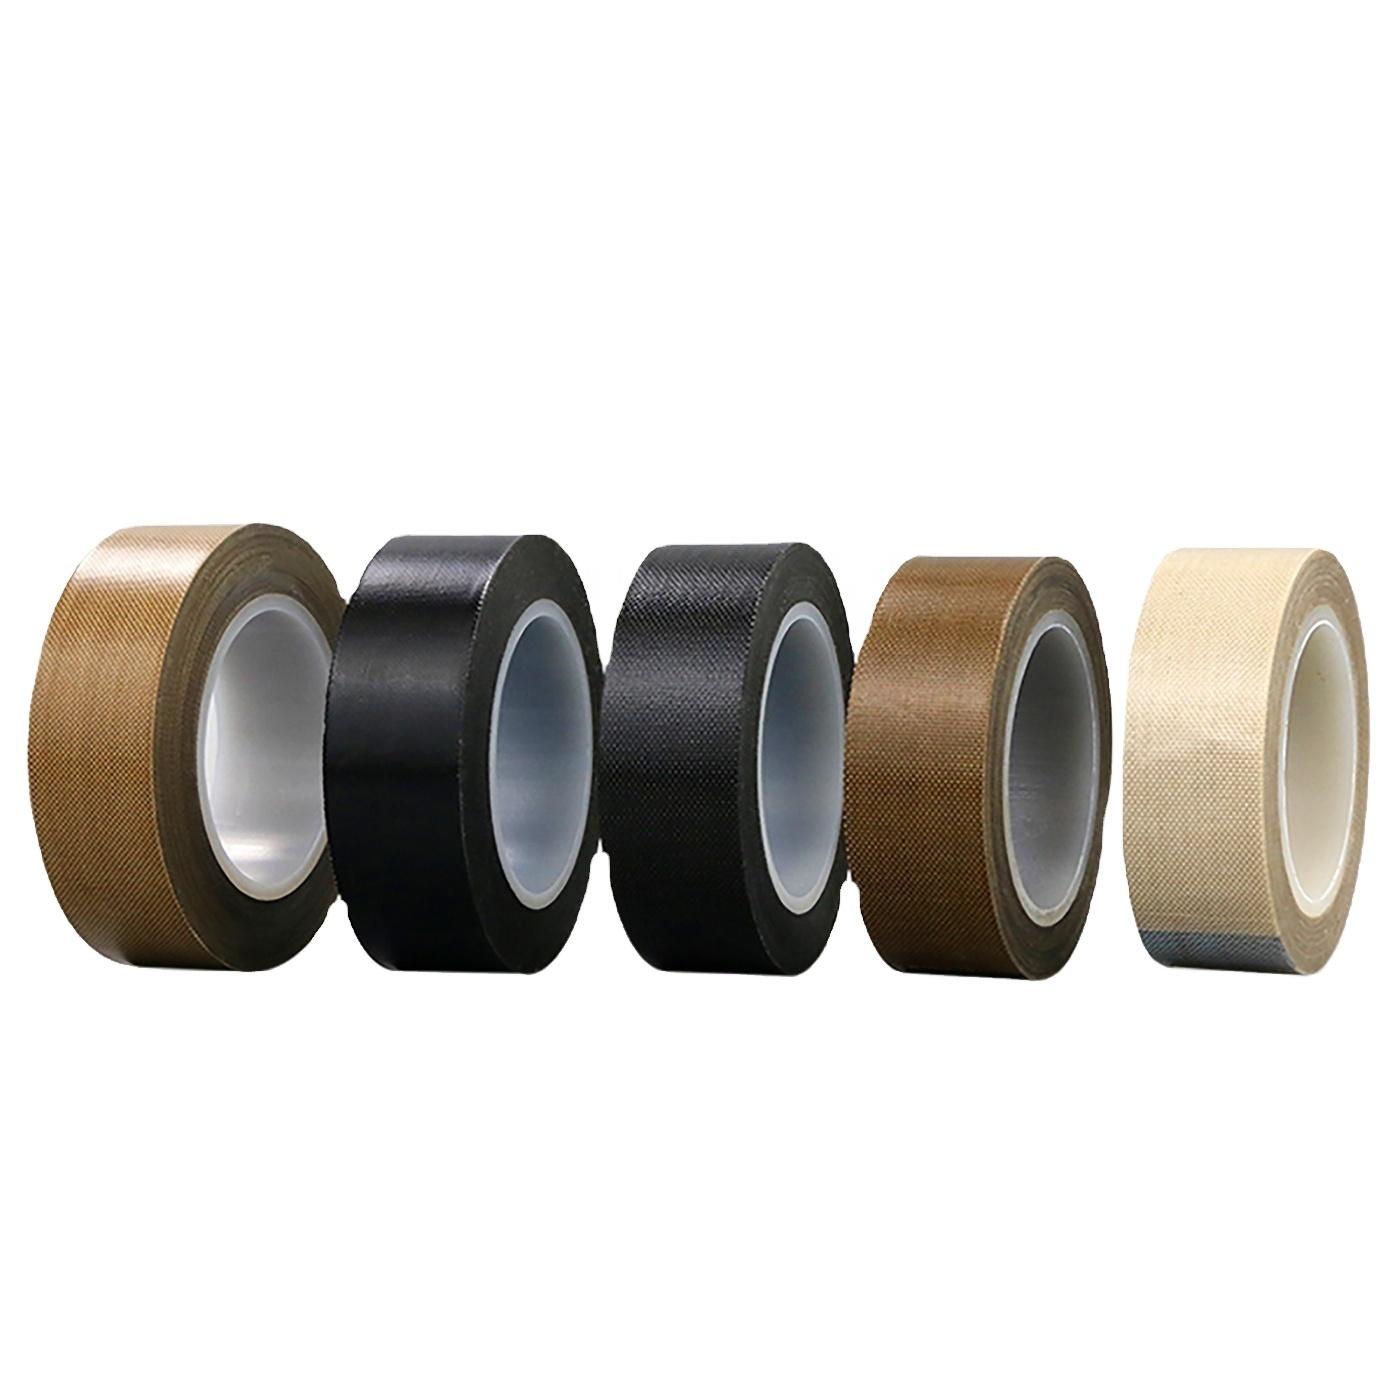 Sellado térmico, fabricación de bolsas, sellador al vacío antiadherente cinta adhesiva de PTFE de silicona de alta temperatura y resistencia al calor